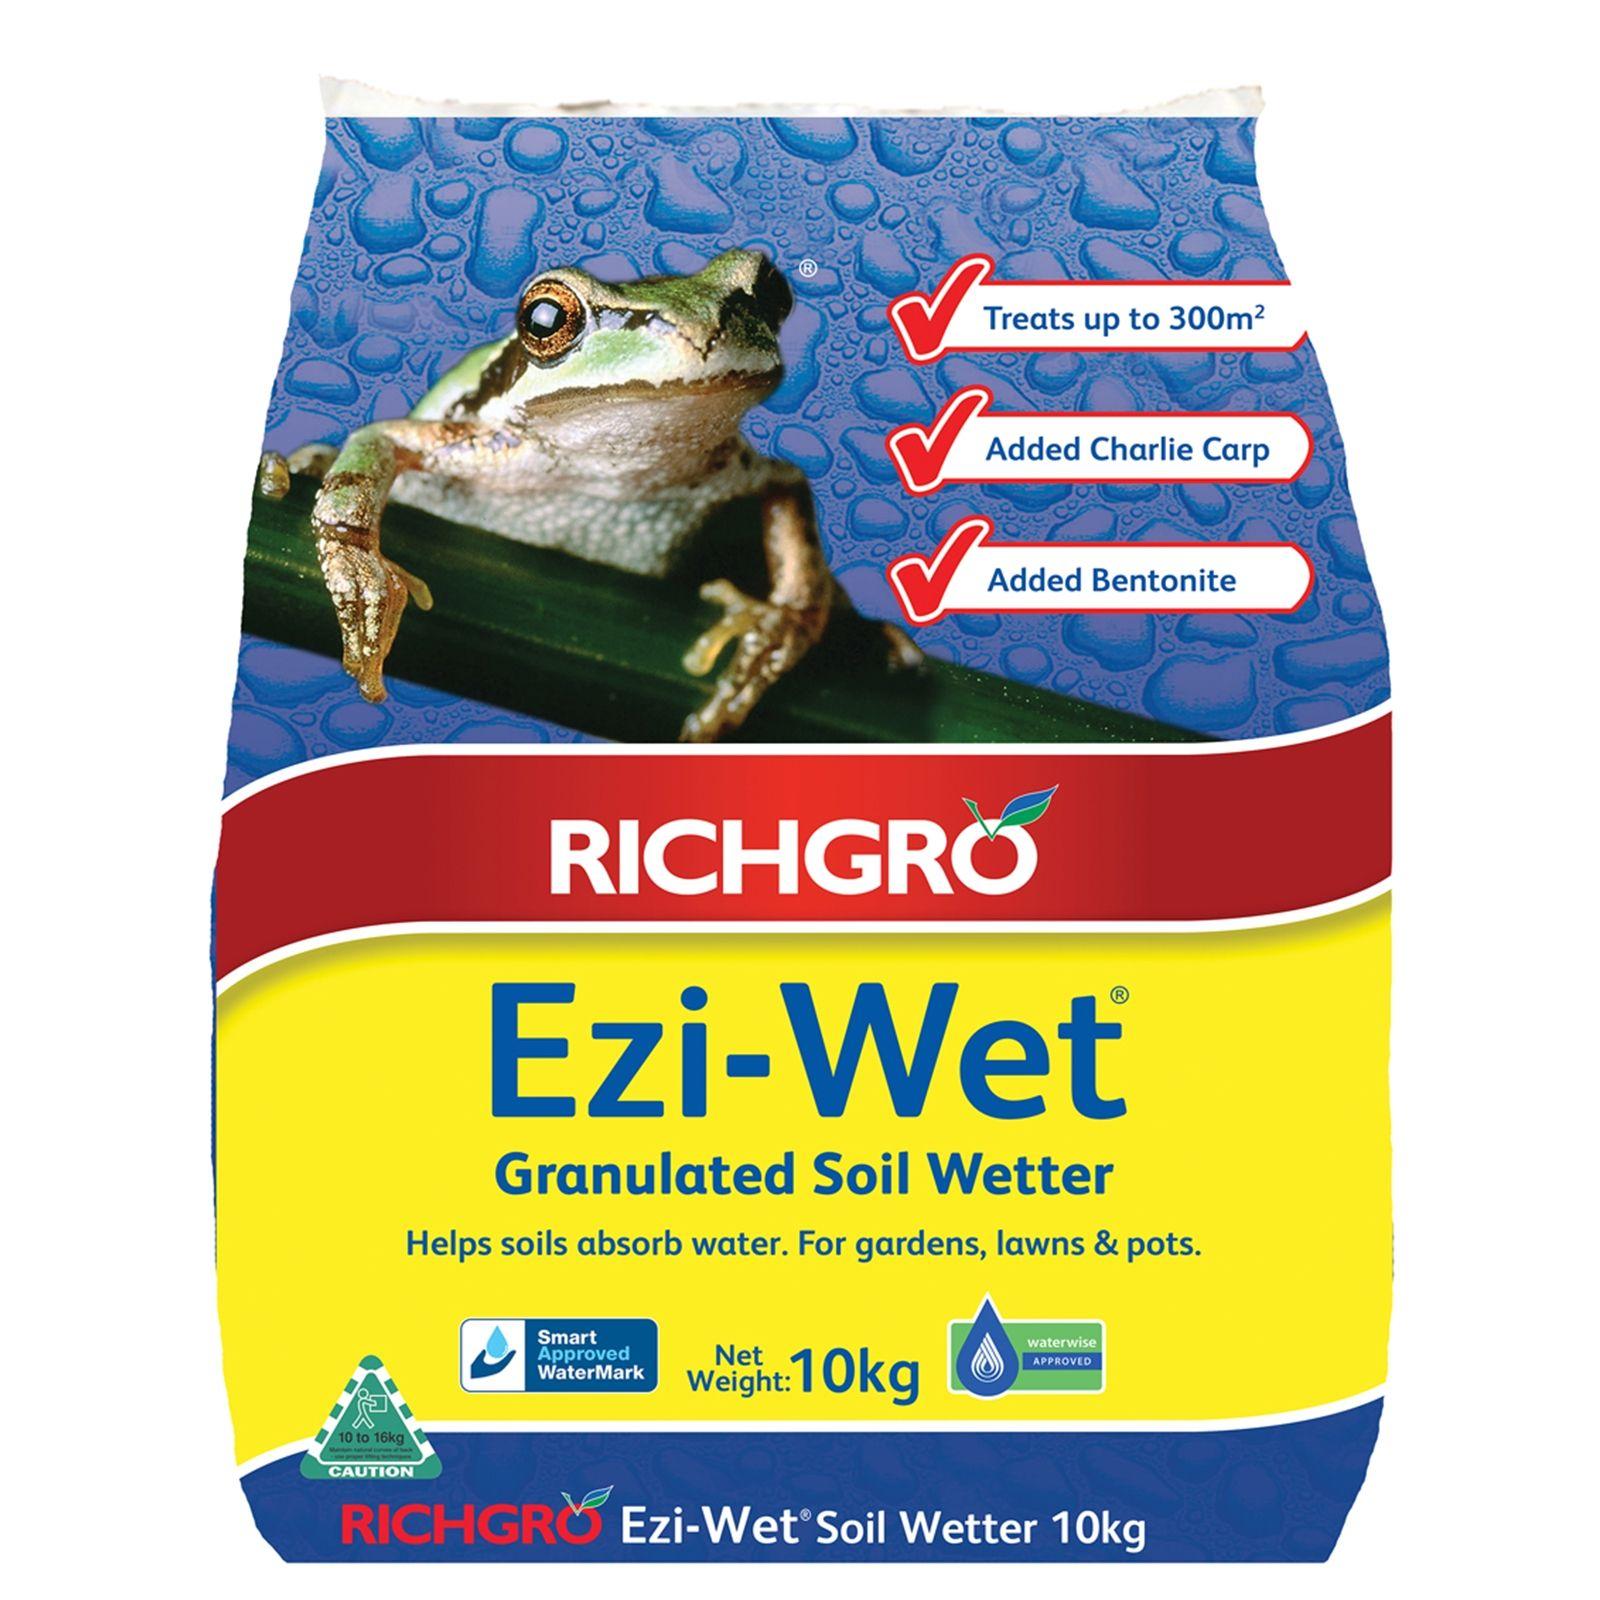 Richgro 10kg EziWet Granulated Soil Wetter Bunnings